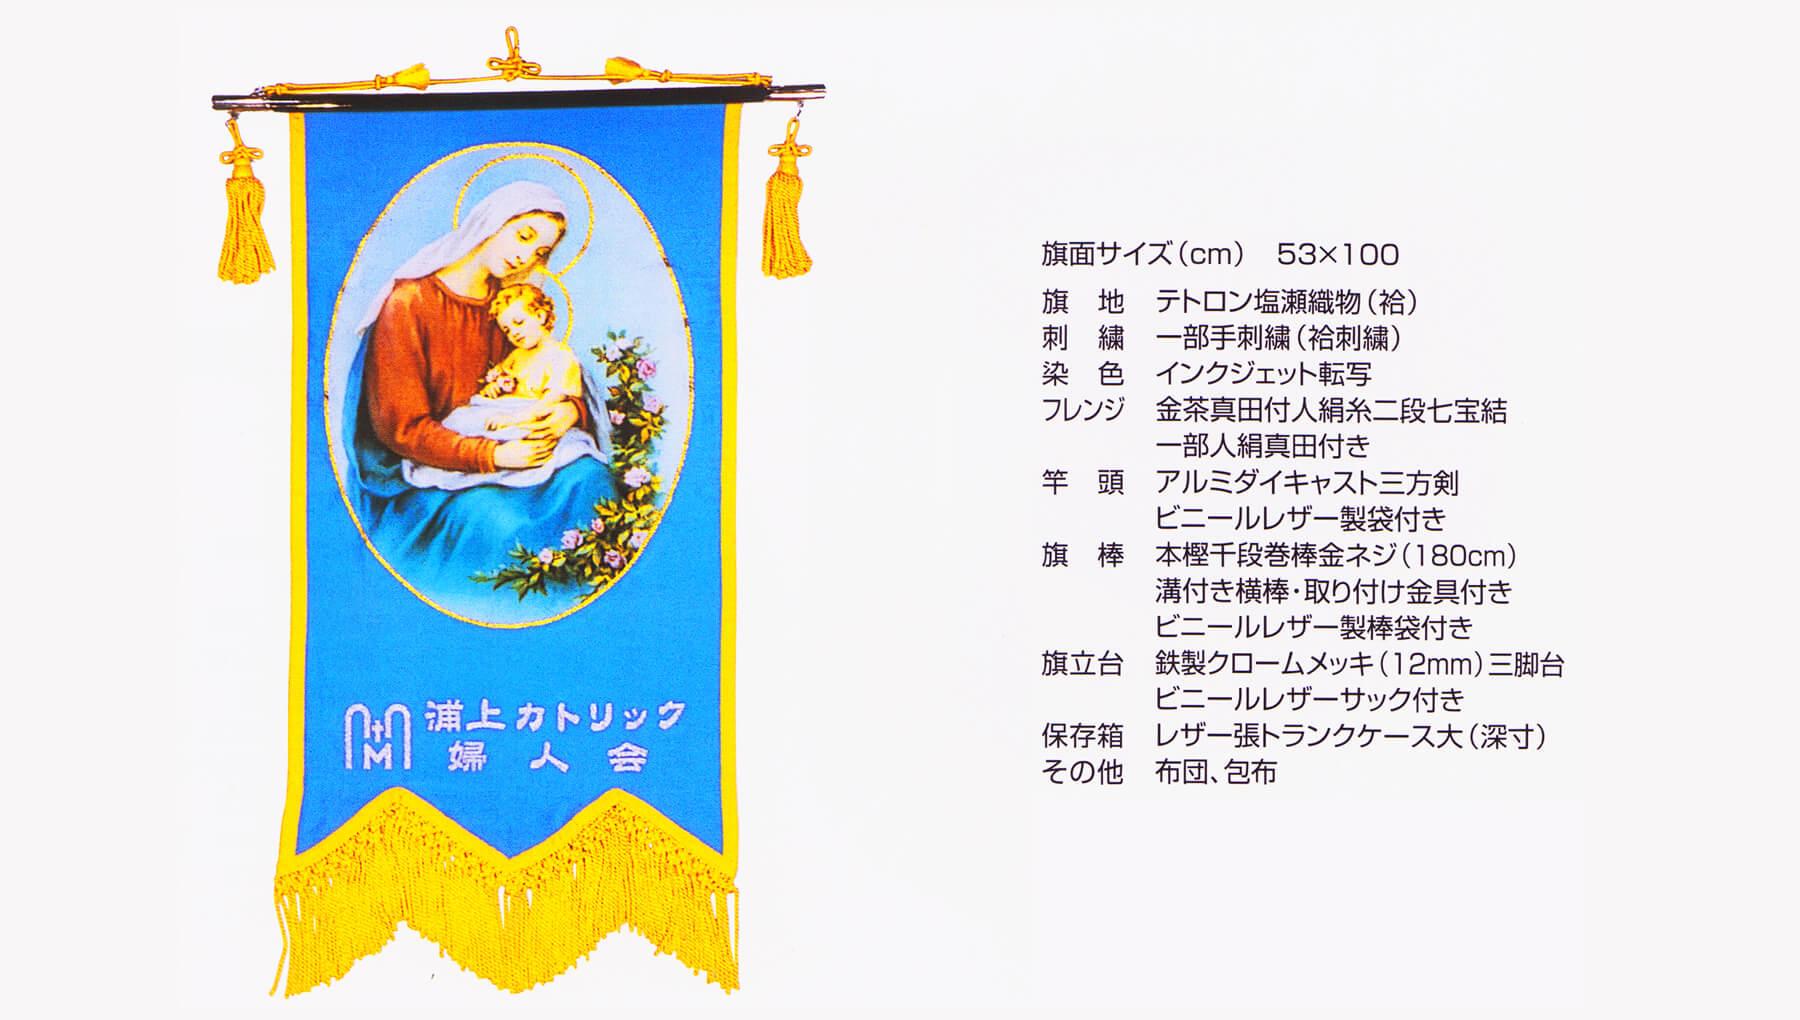 オリジナルの旗(縦型 テトロン塩瀬織物)のサンプル写真